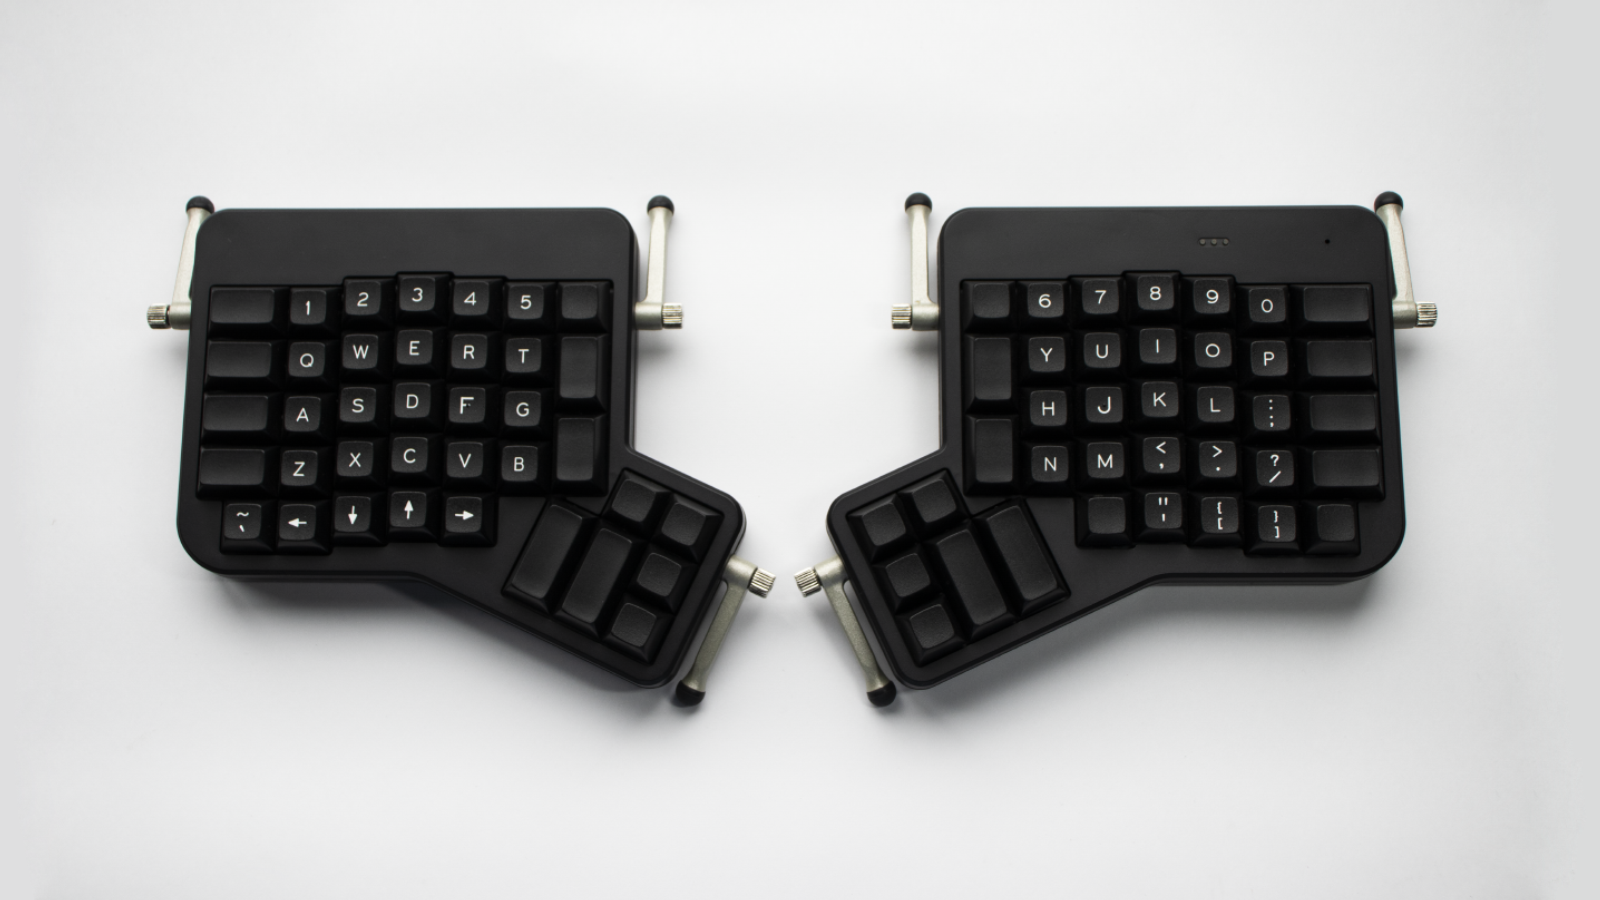 Ортолинейная сплит клавиатура — это что такое? Обзор Iris Keyboard - 8